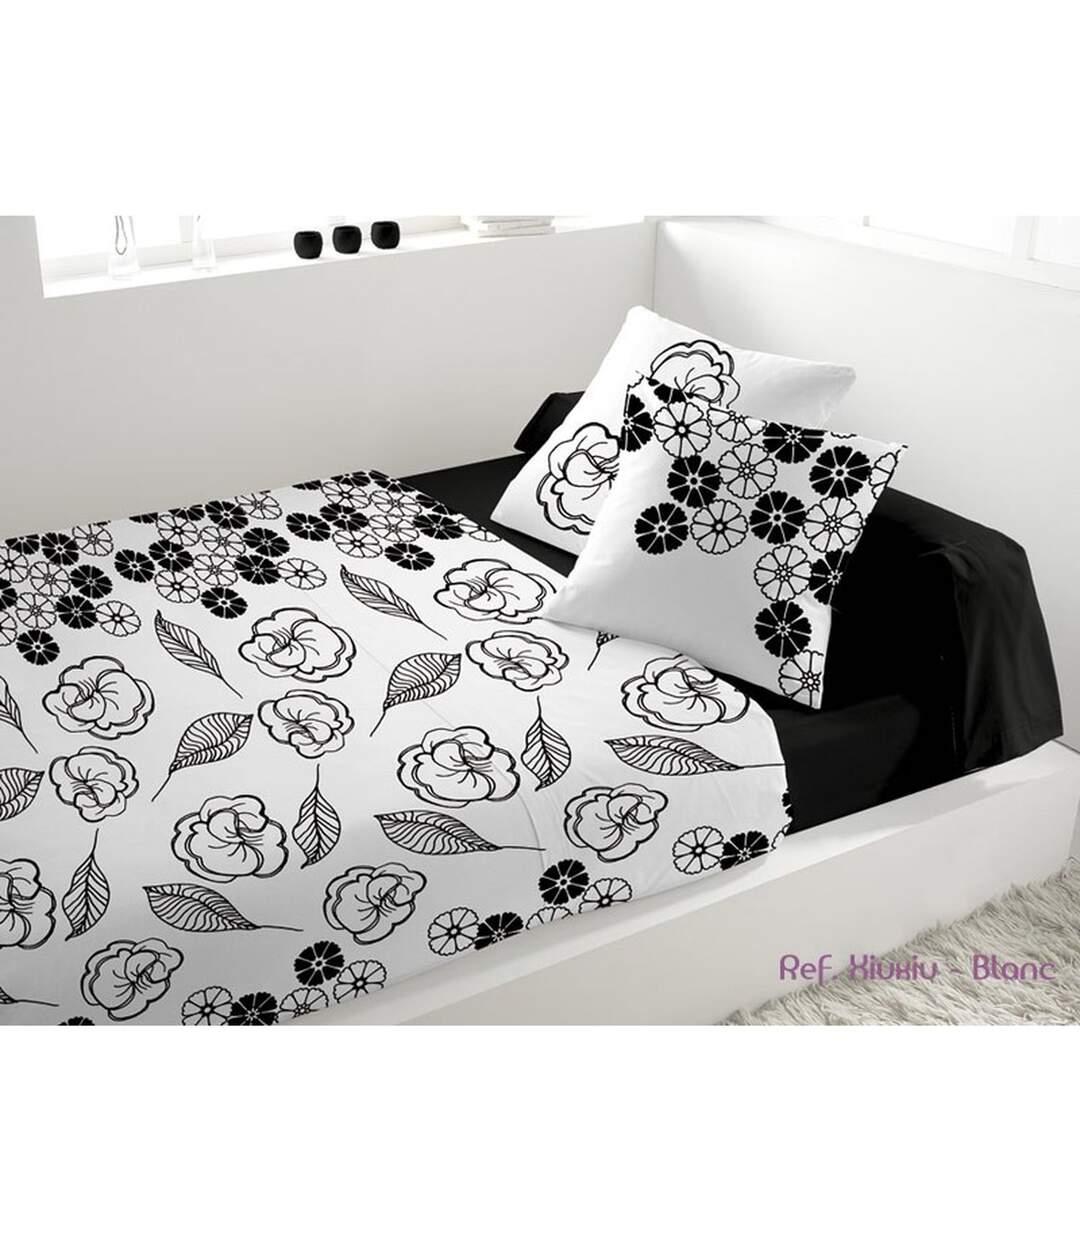 Parure de lit 5 pièces Xiuxiu Blanc - 240 x 300 - Percale